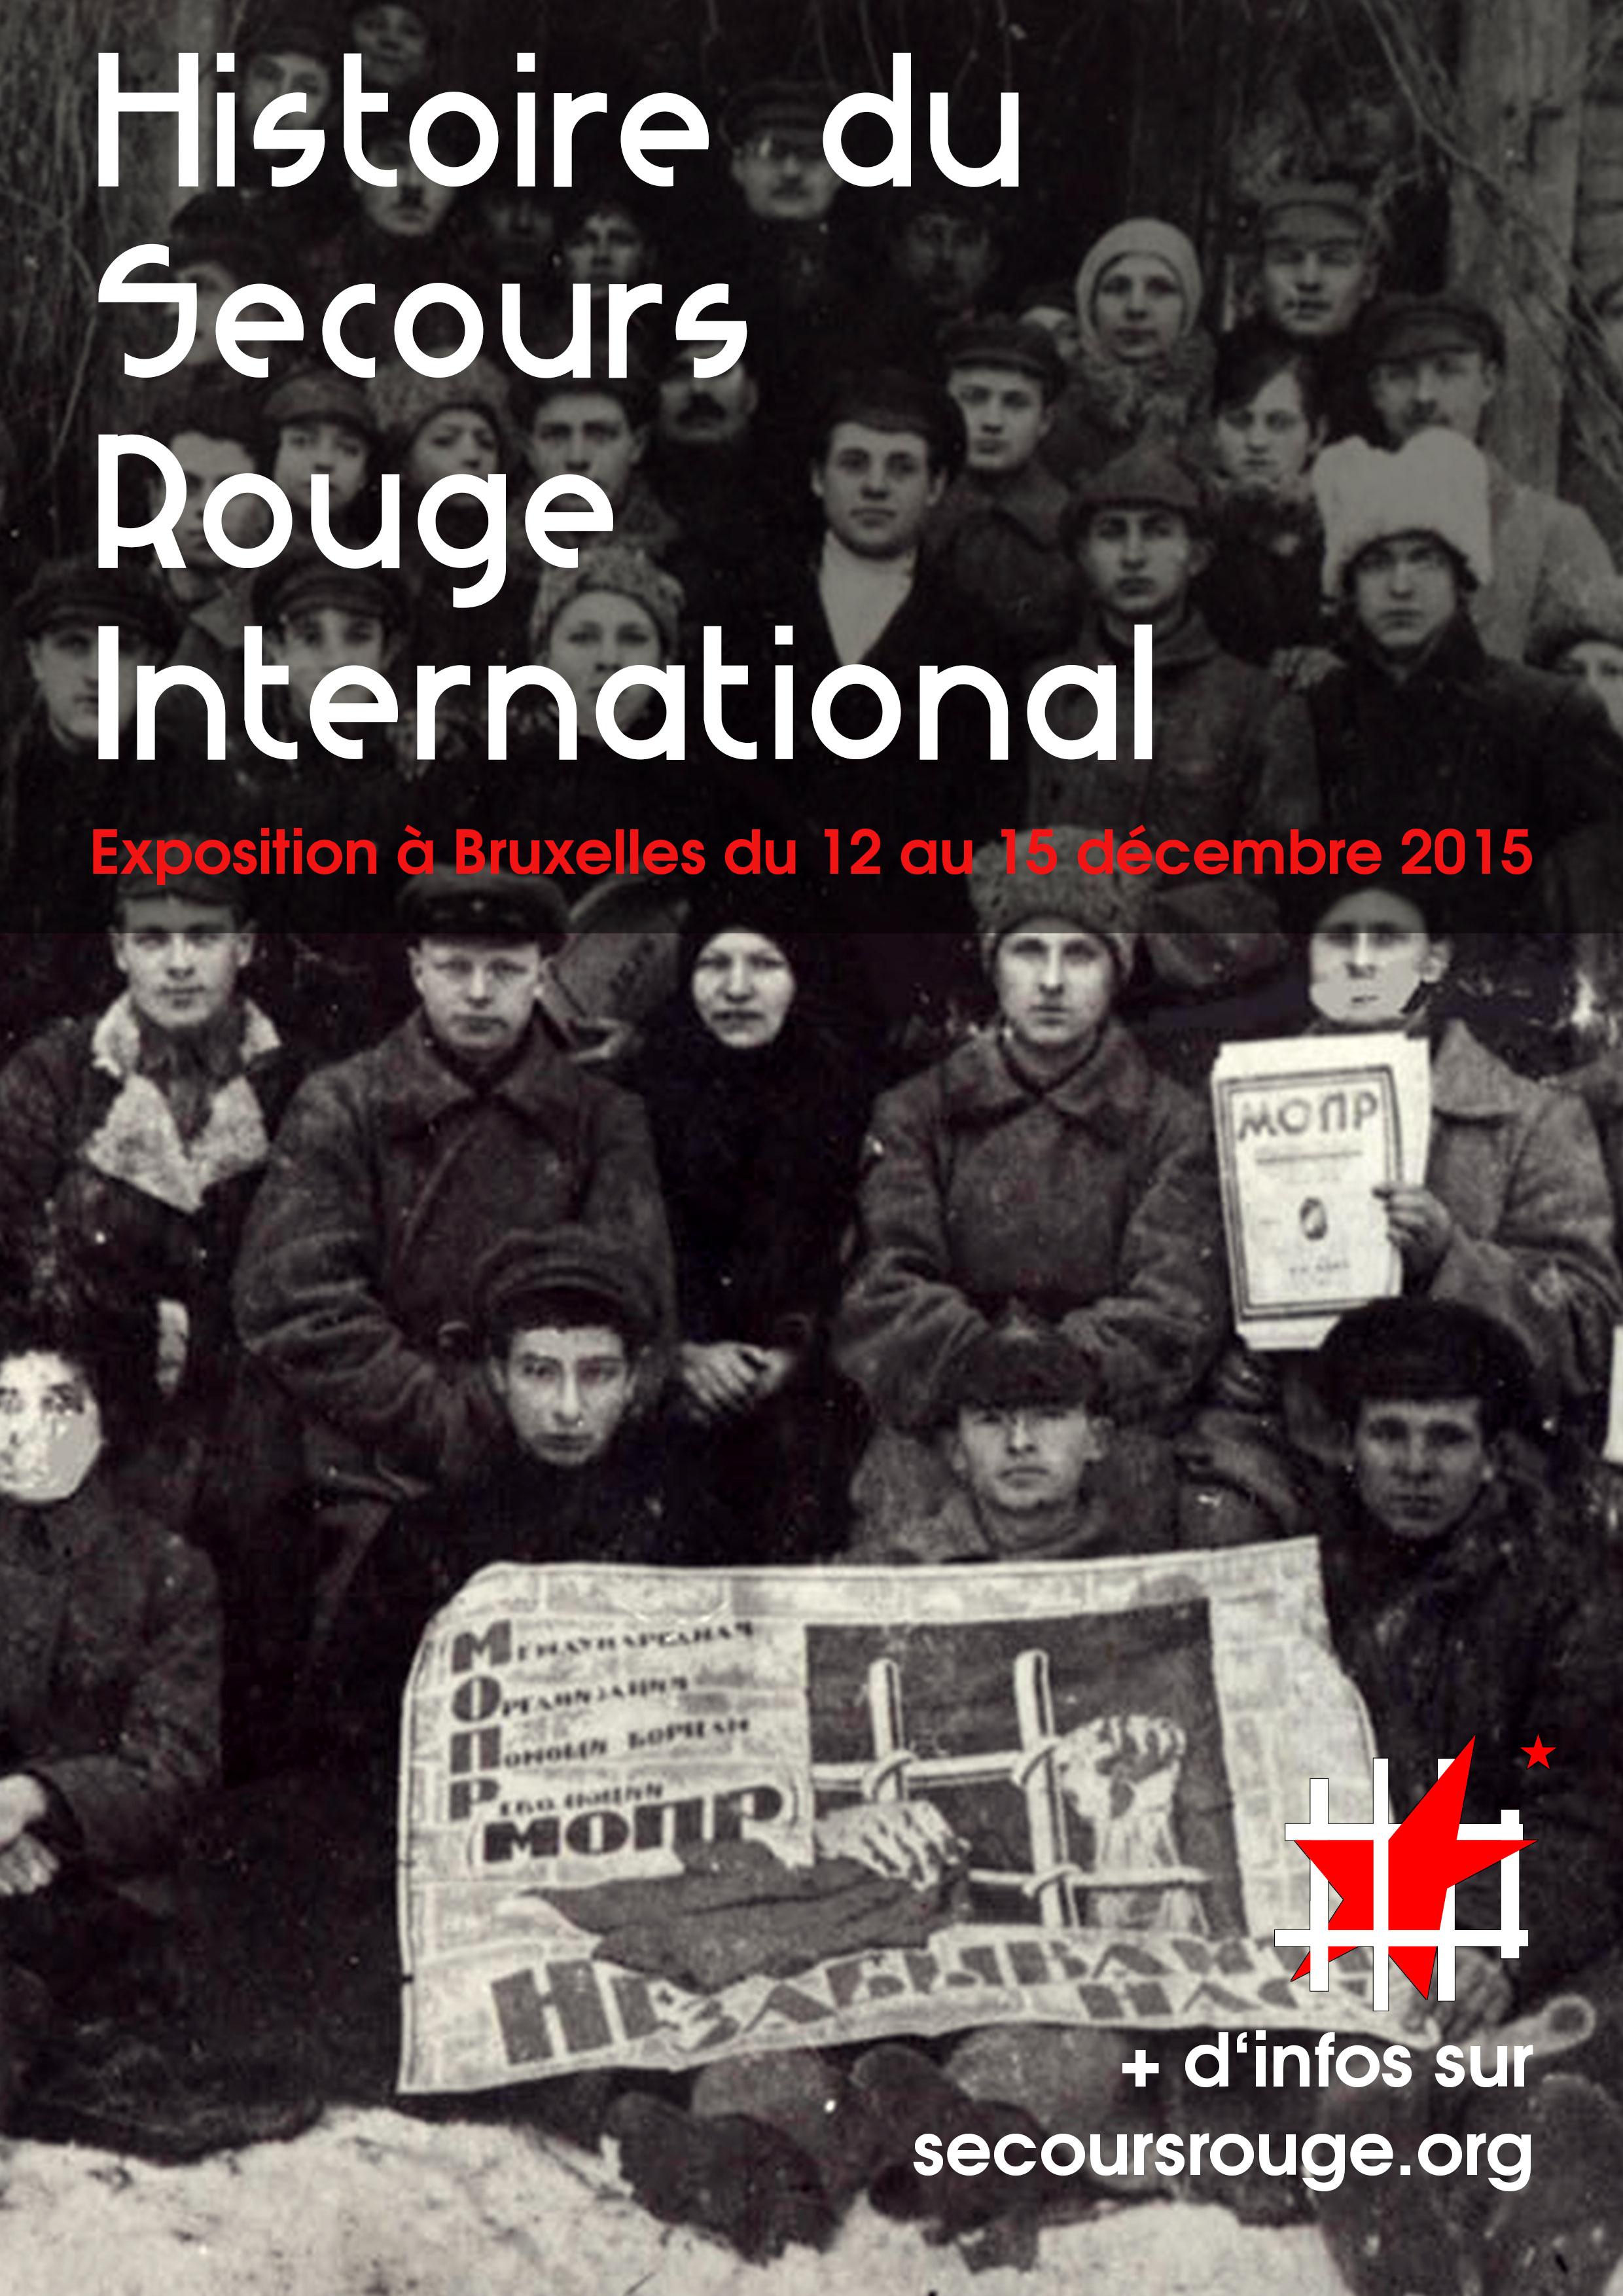 Exposition: Histoire du Secours Rouge